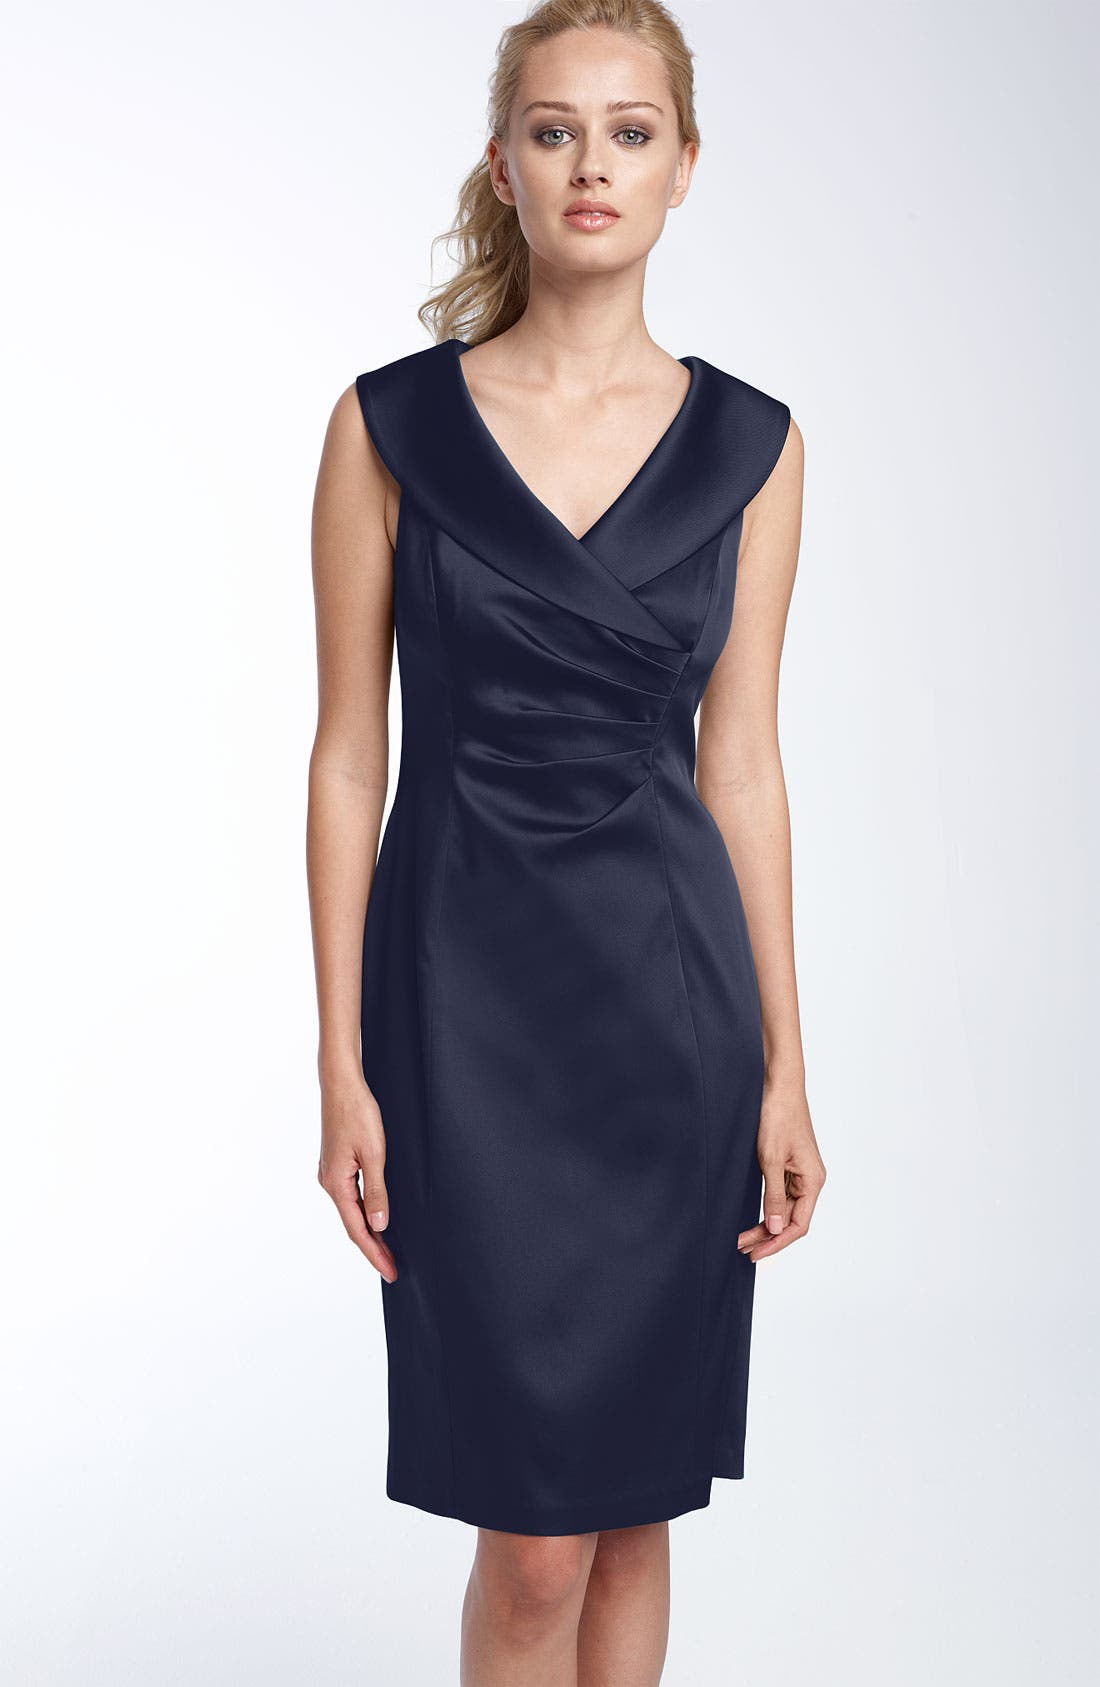 Satin Black Sheath Dress